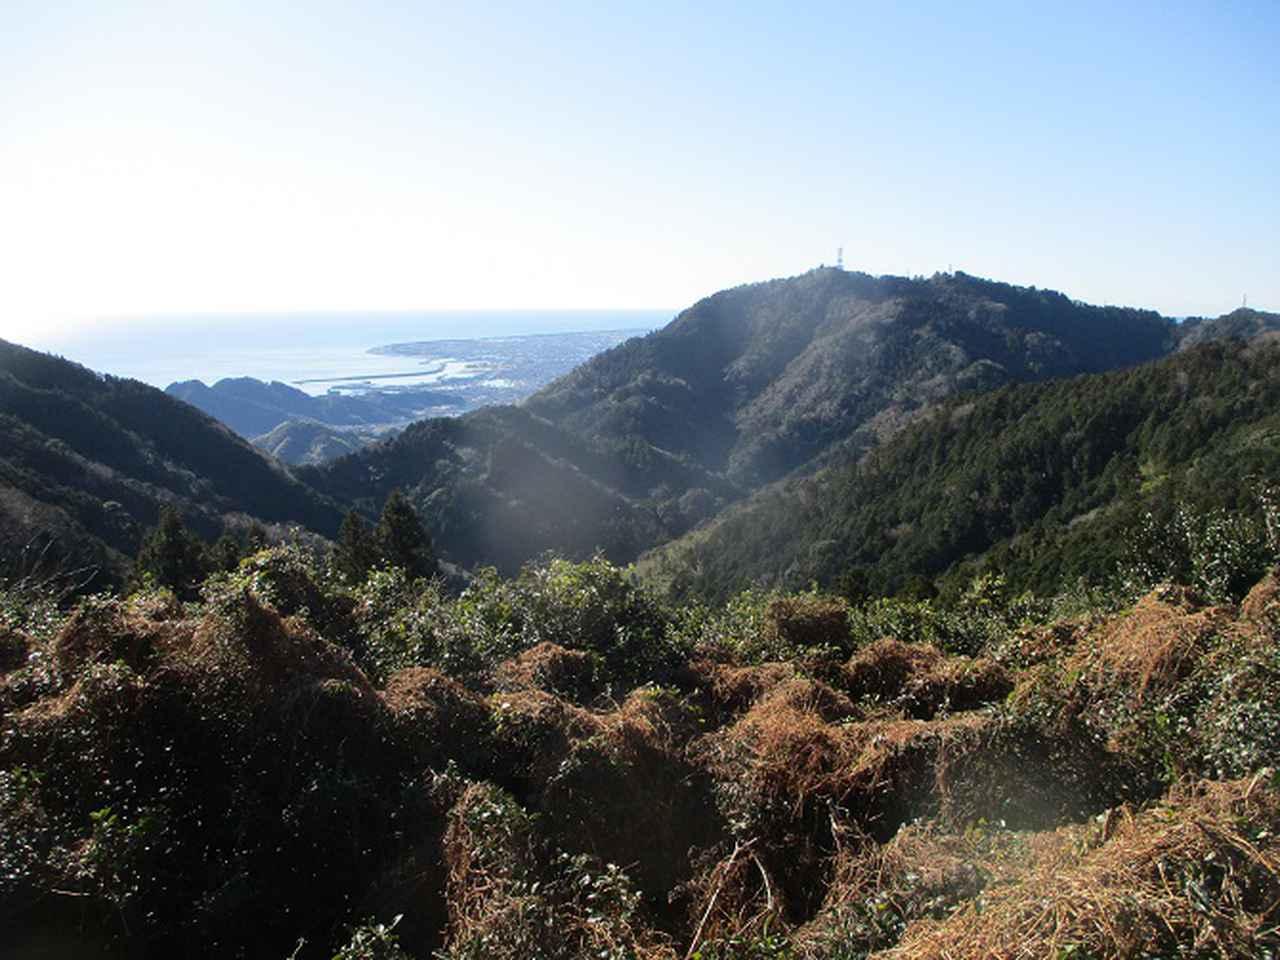 画像7: 1月の山旅会 「満観峰」 と 「満観峰から丸子富士」 ツアーの下見に行ってきました!